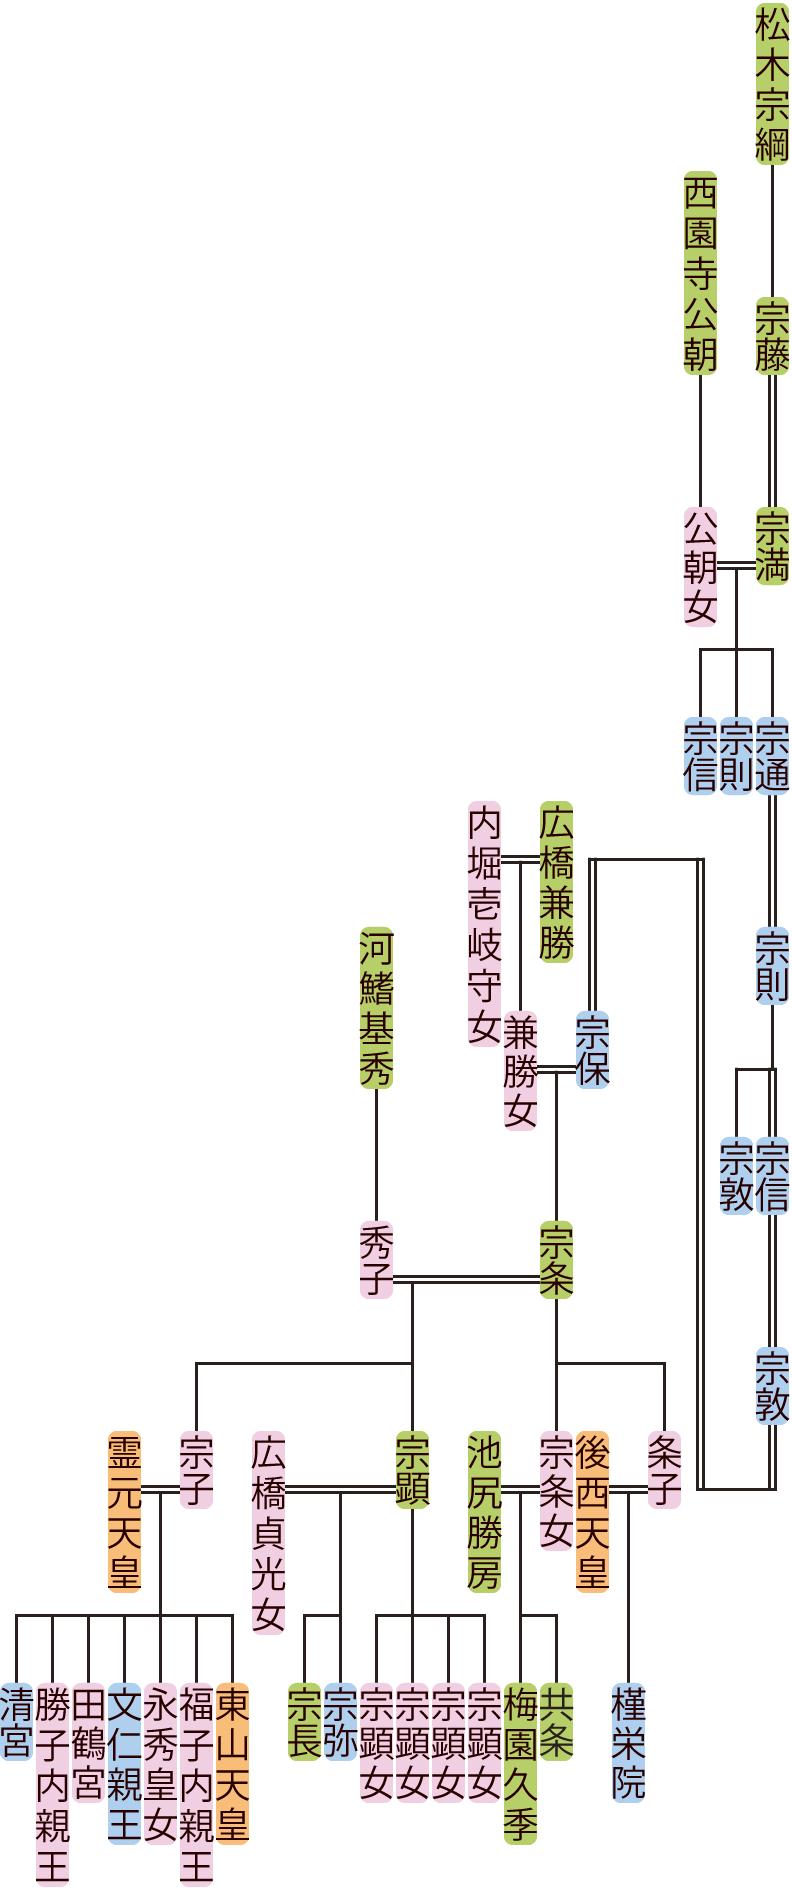 松木宗満~宗条の系図